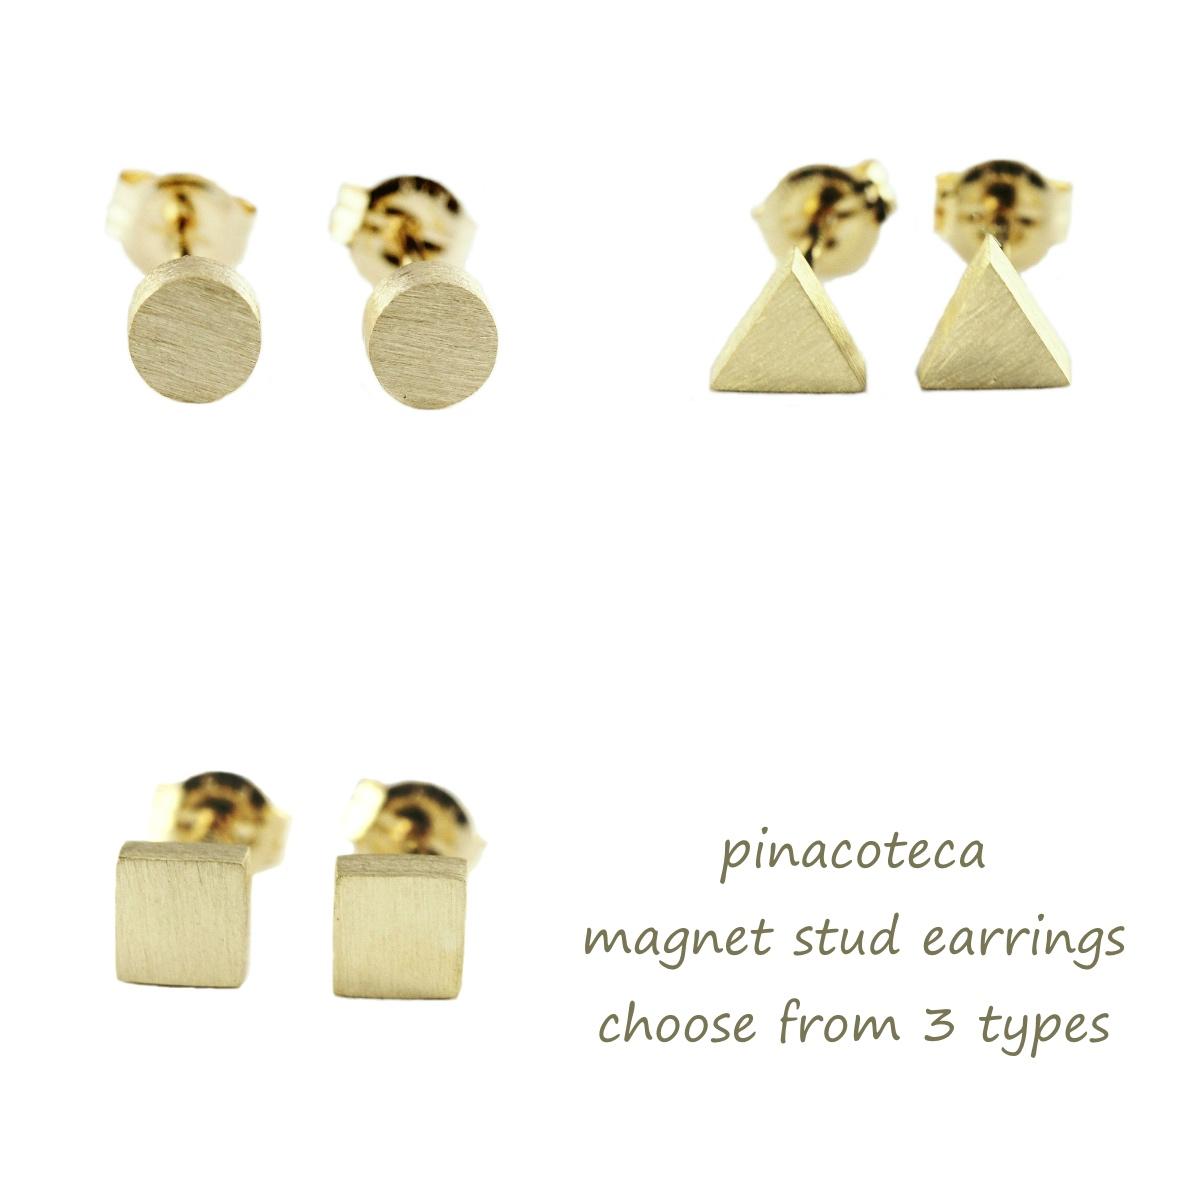 ピナコテーカ 717 ラウンド マグネット スタッド ピアス 18金,pinacoteca Round Magnet Stud Earrings K18